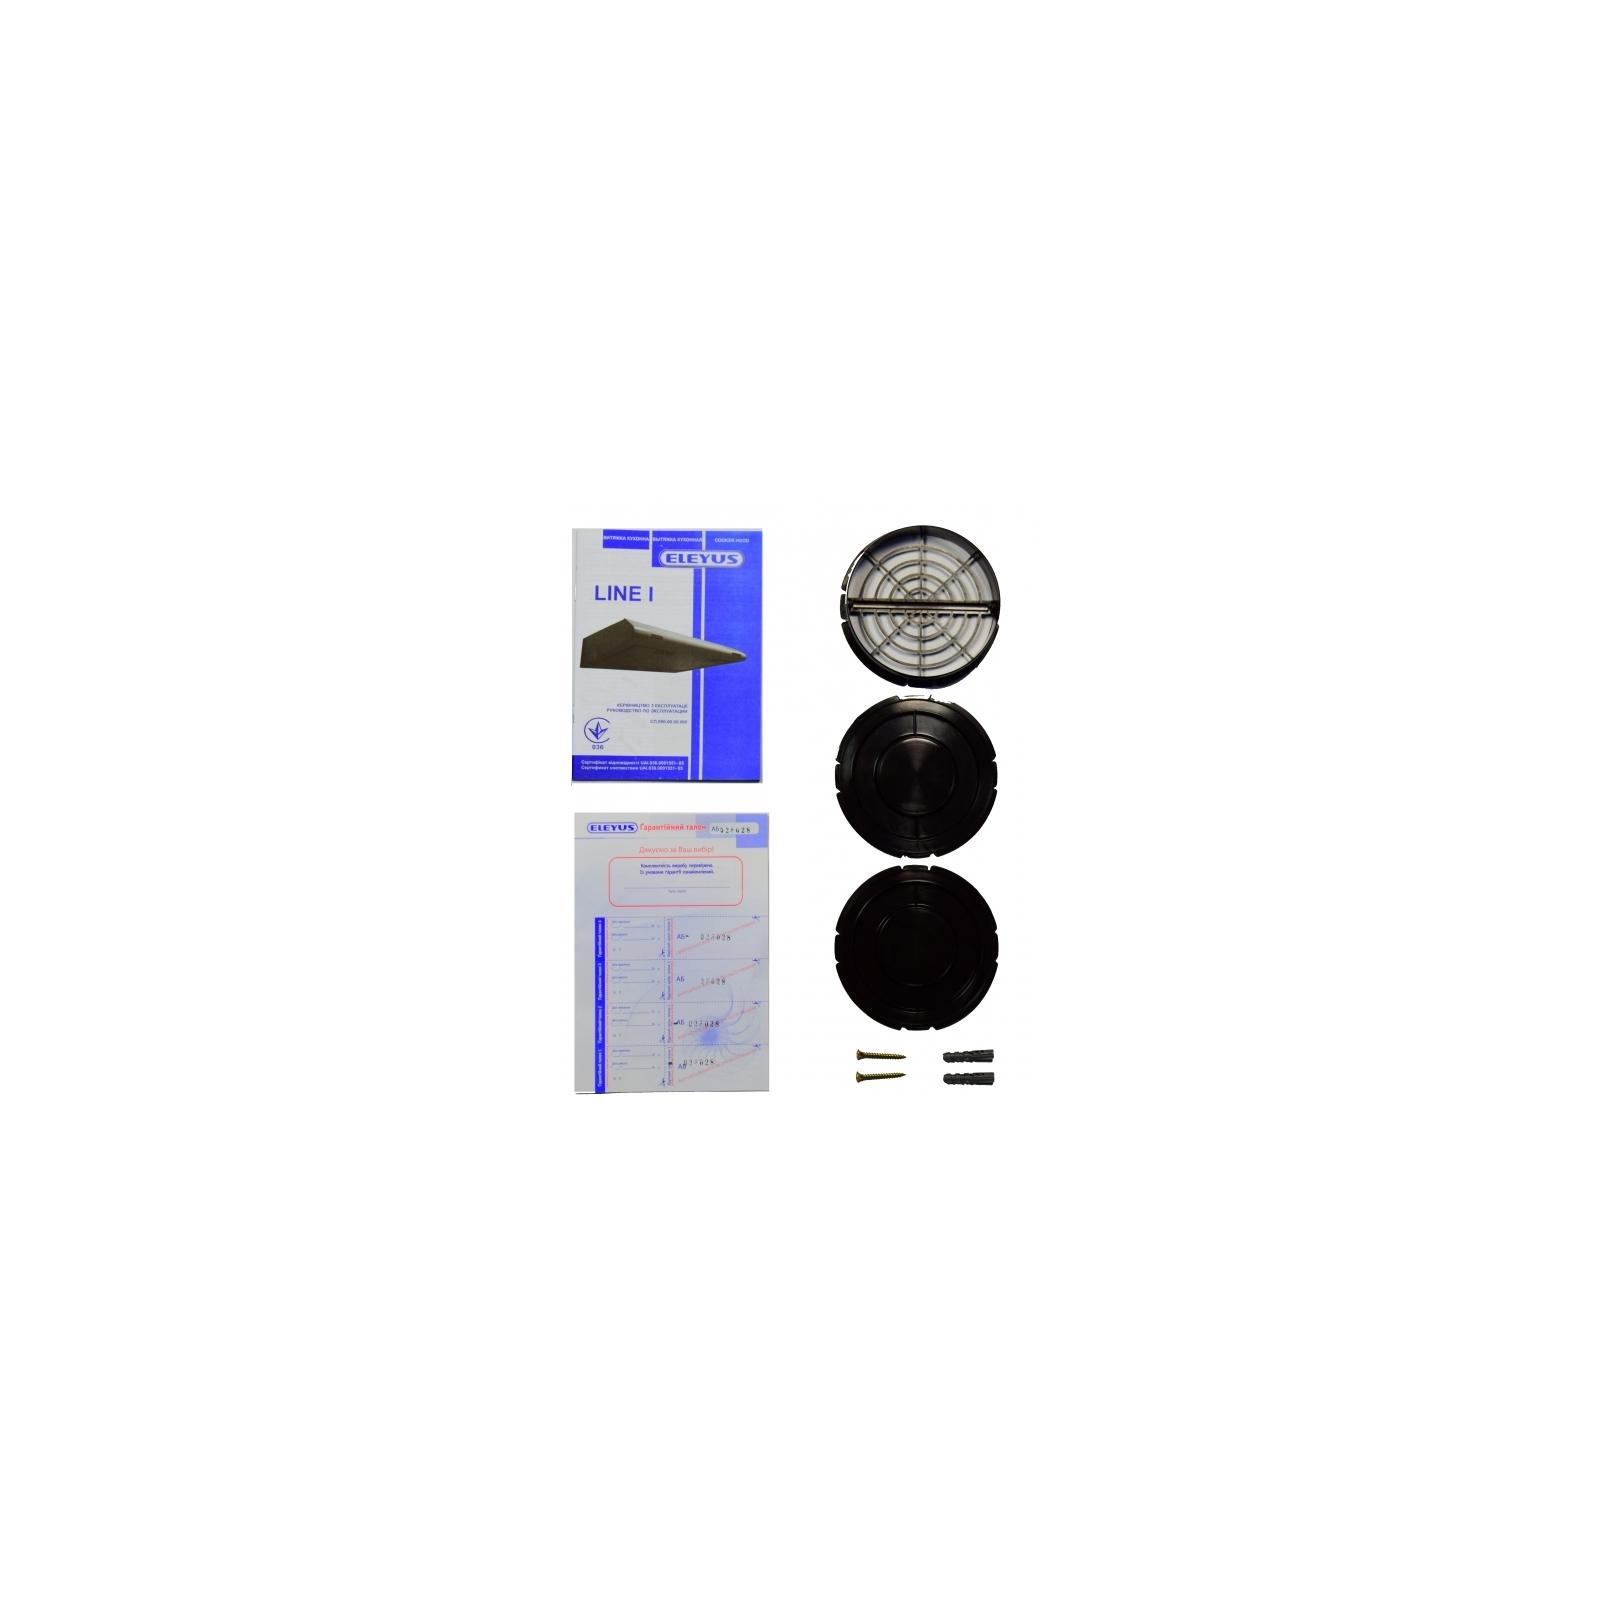 Вытяжка кухонная ELEYUS Line I 50 BG изображение 9